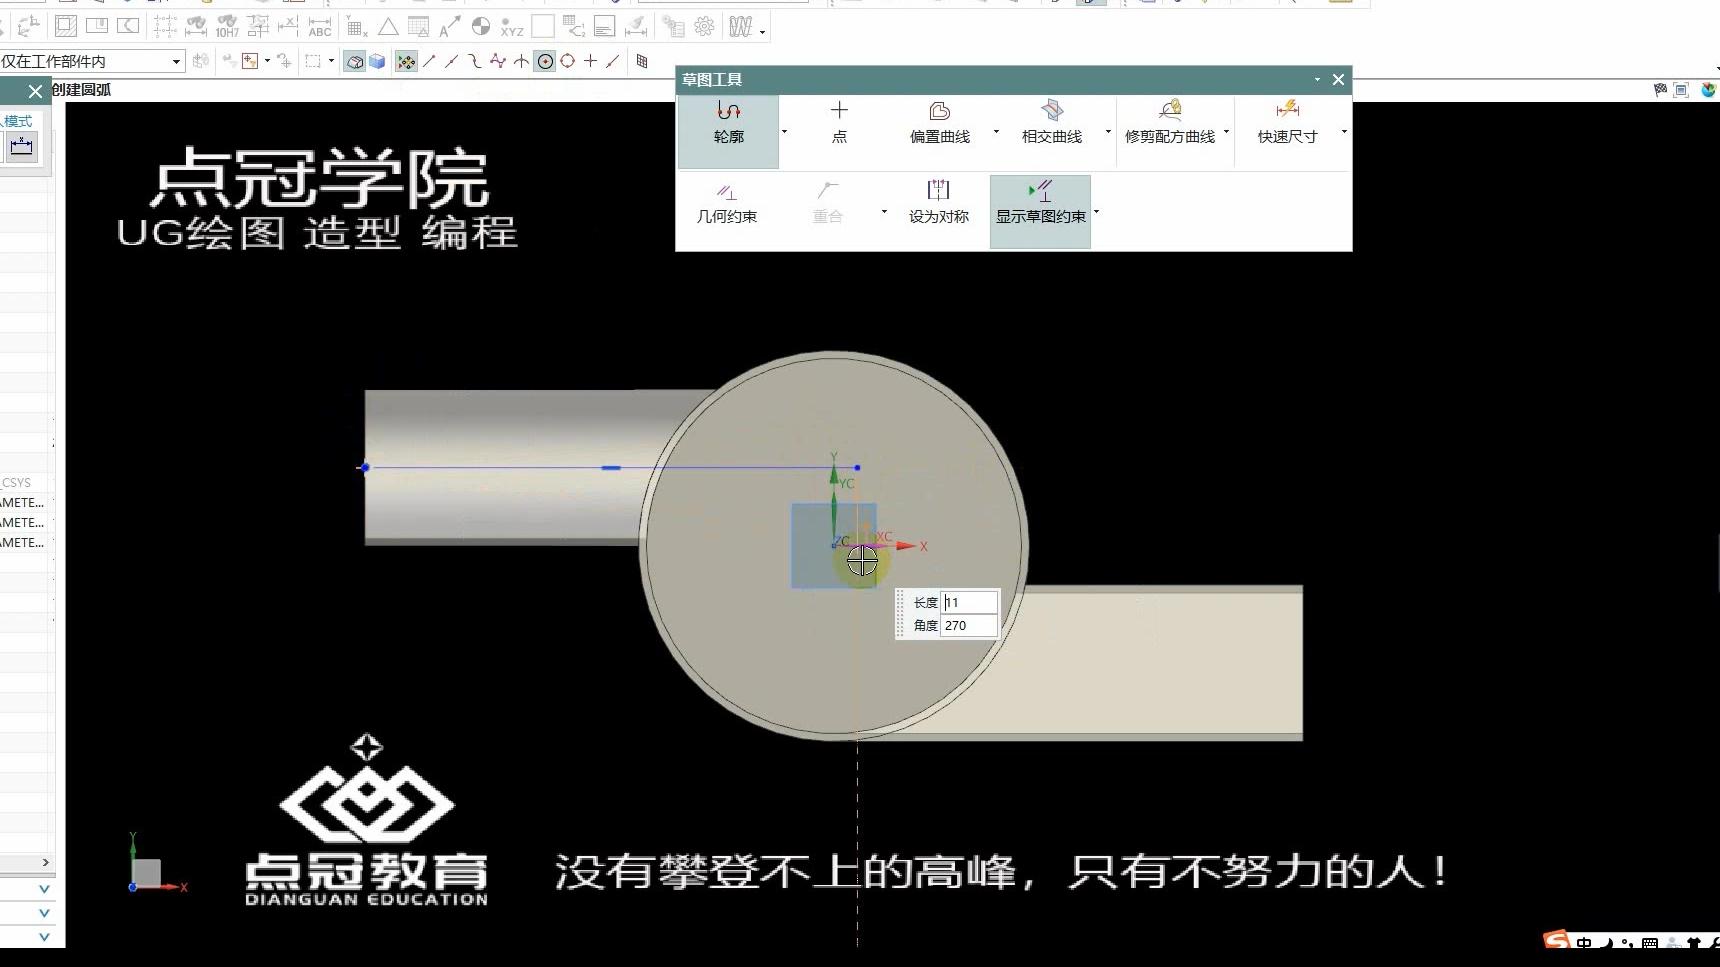 UG编程-通过建模快速出剖视图的方式